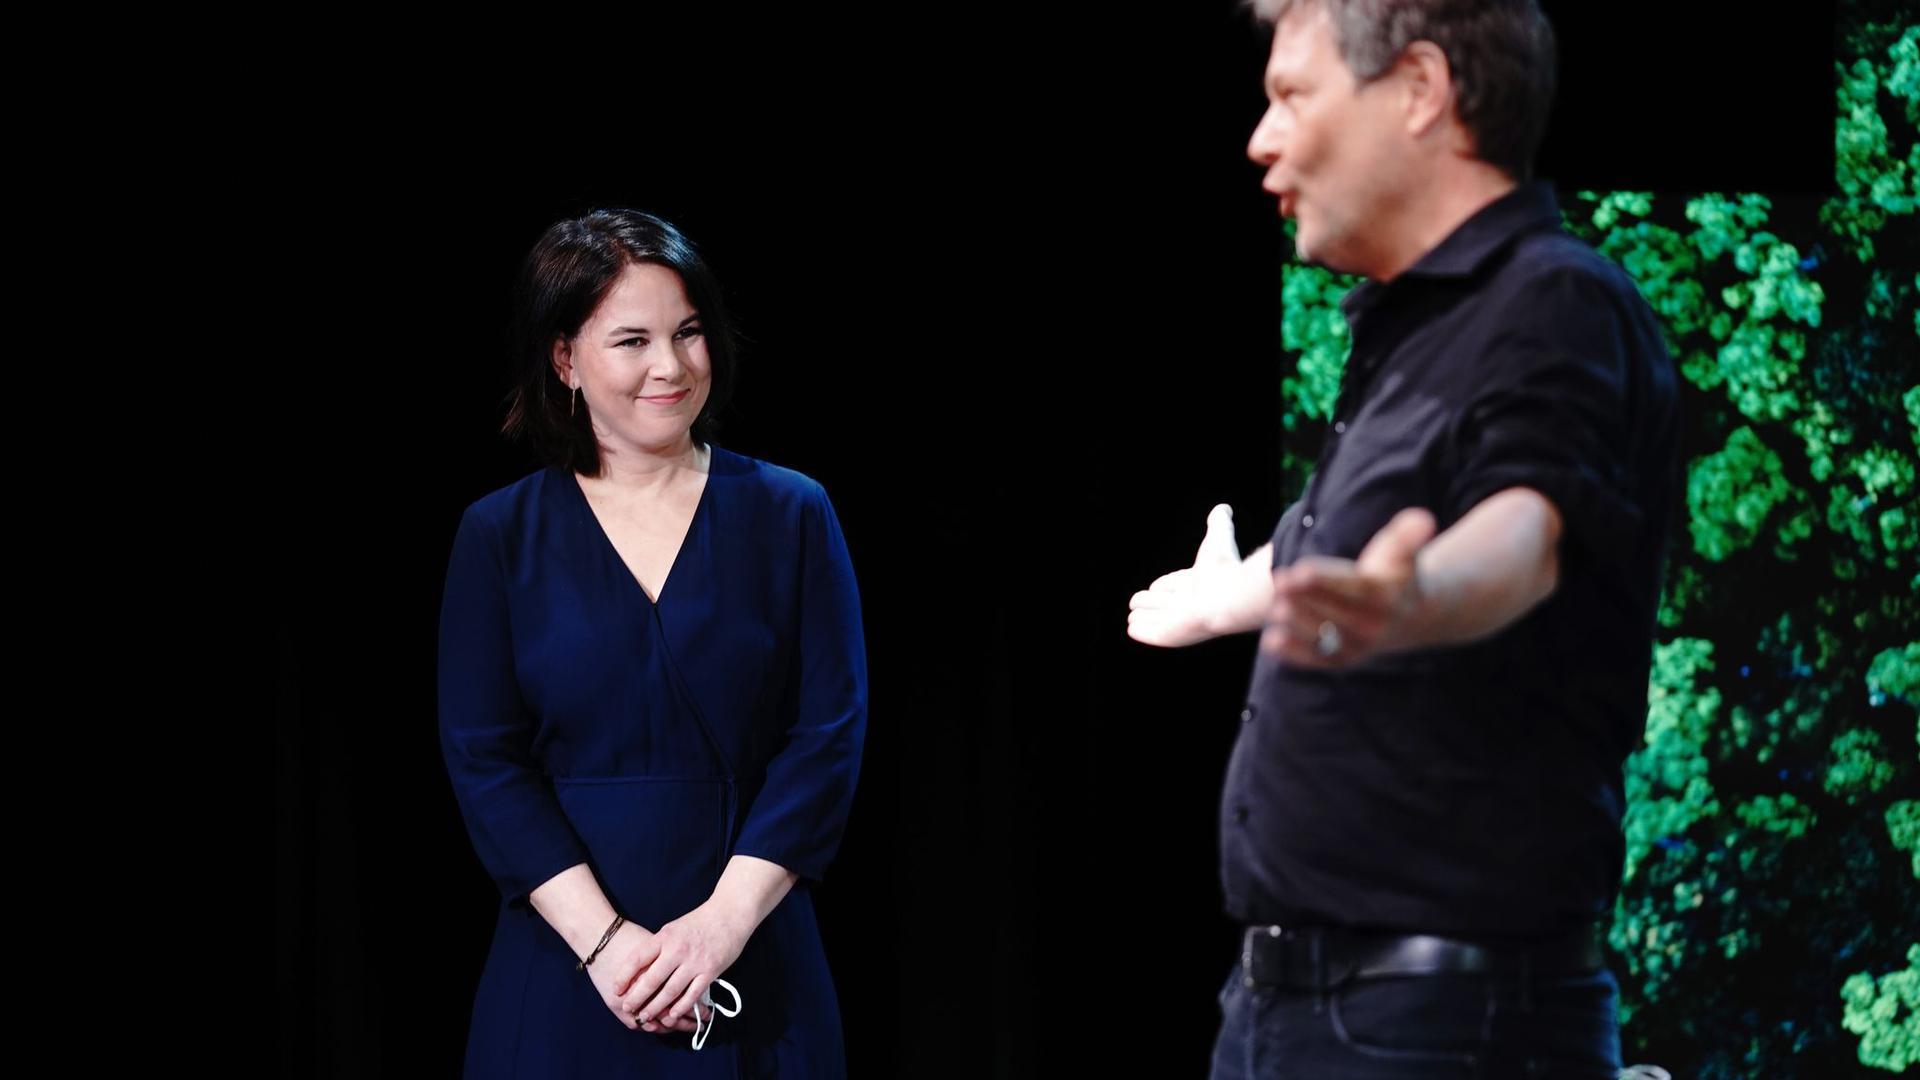 Robert Habeck überlässt die Bühne seiner Co-Vorsitzenden Annalena Baerbock: Sie soll die Grünen als Spitzenkandidatin in die Bundestagswahl führen.